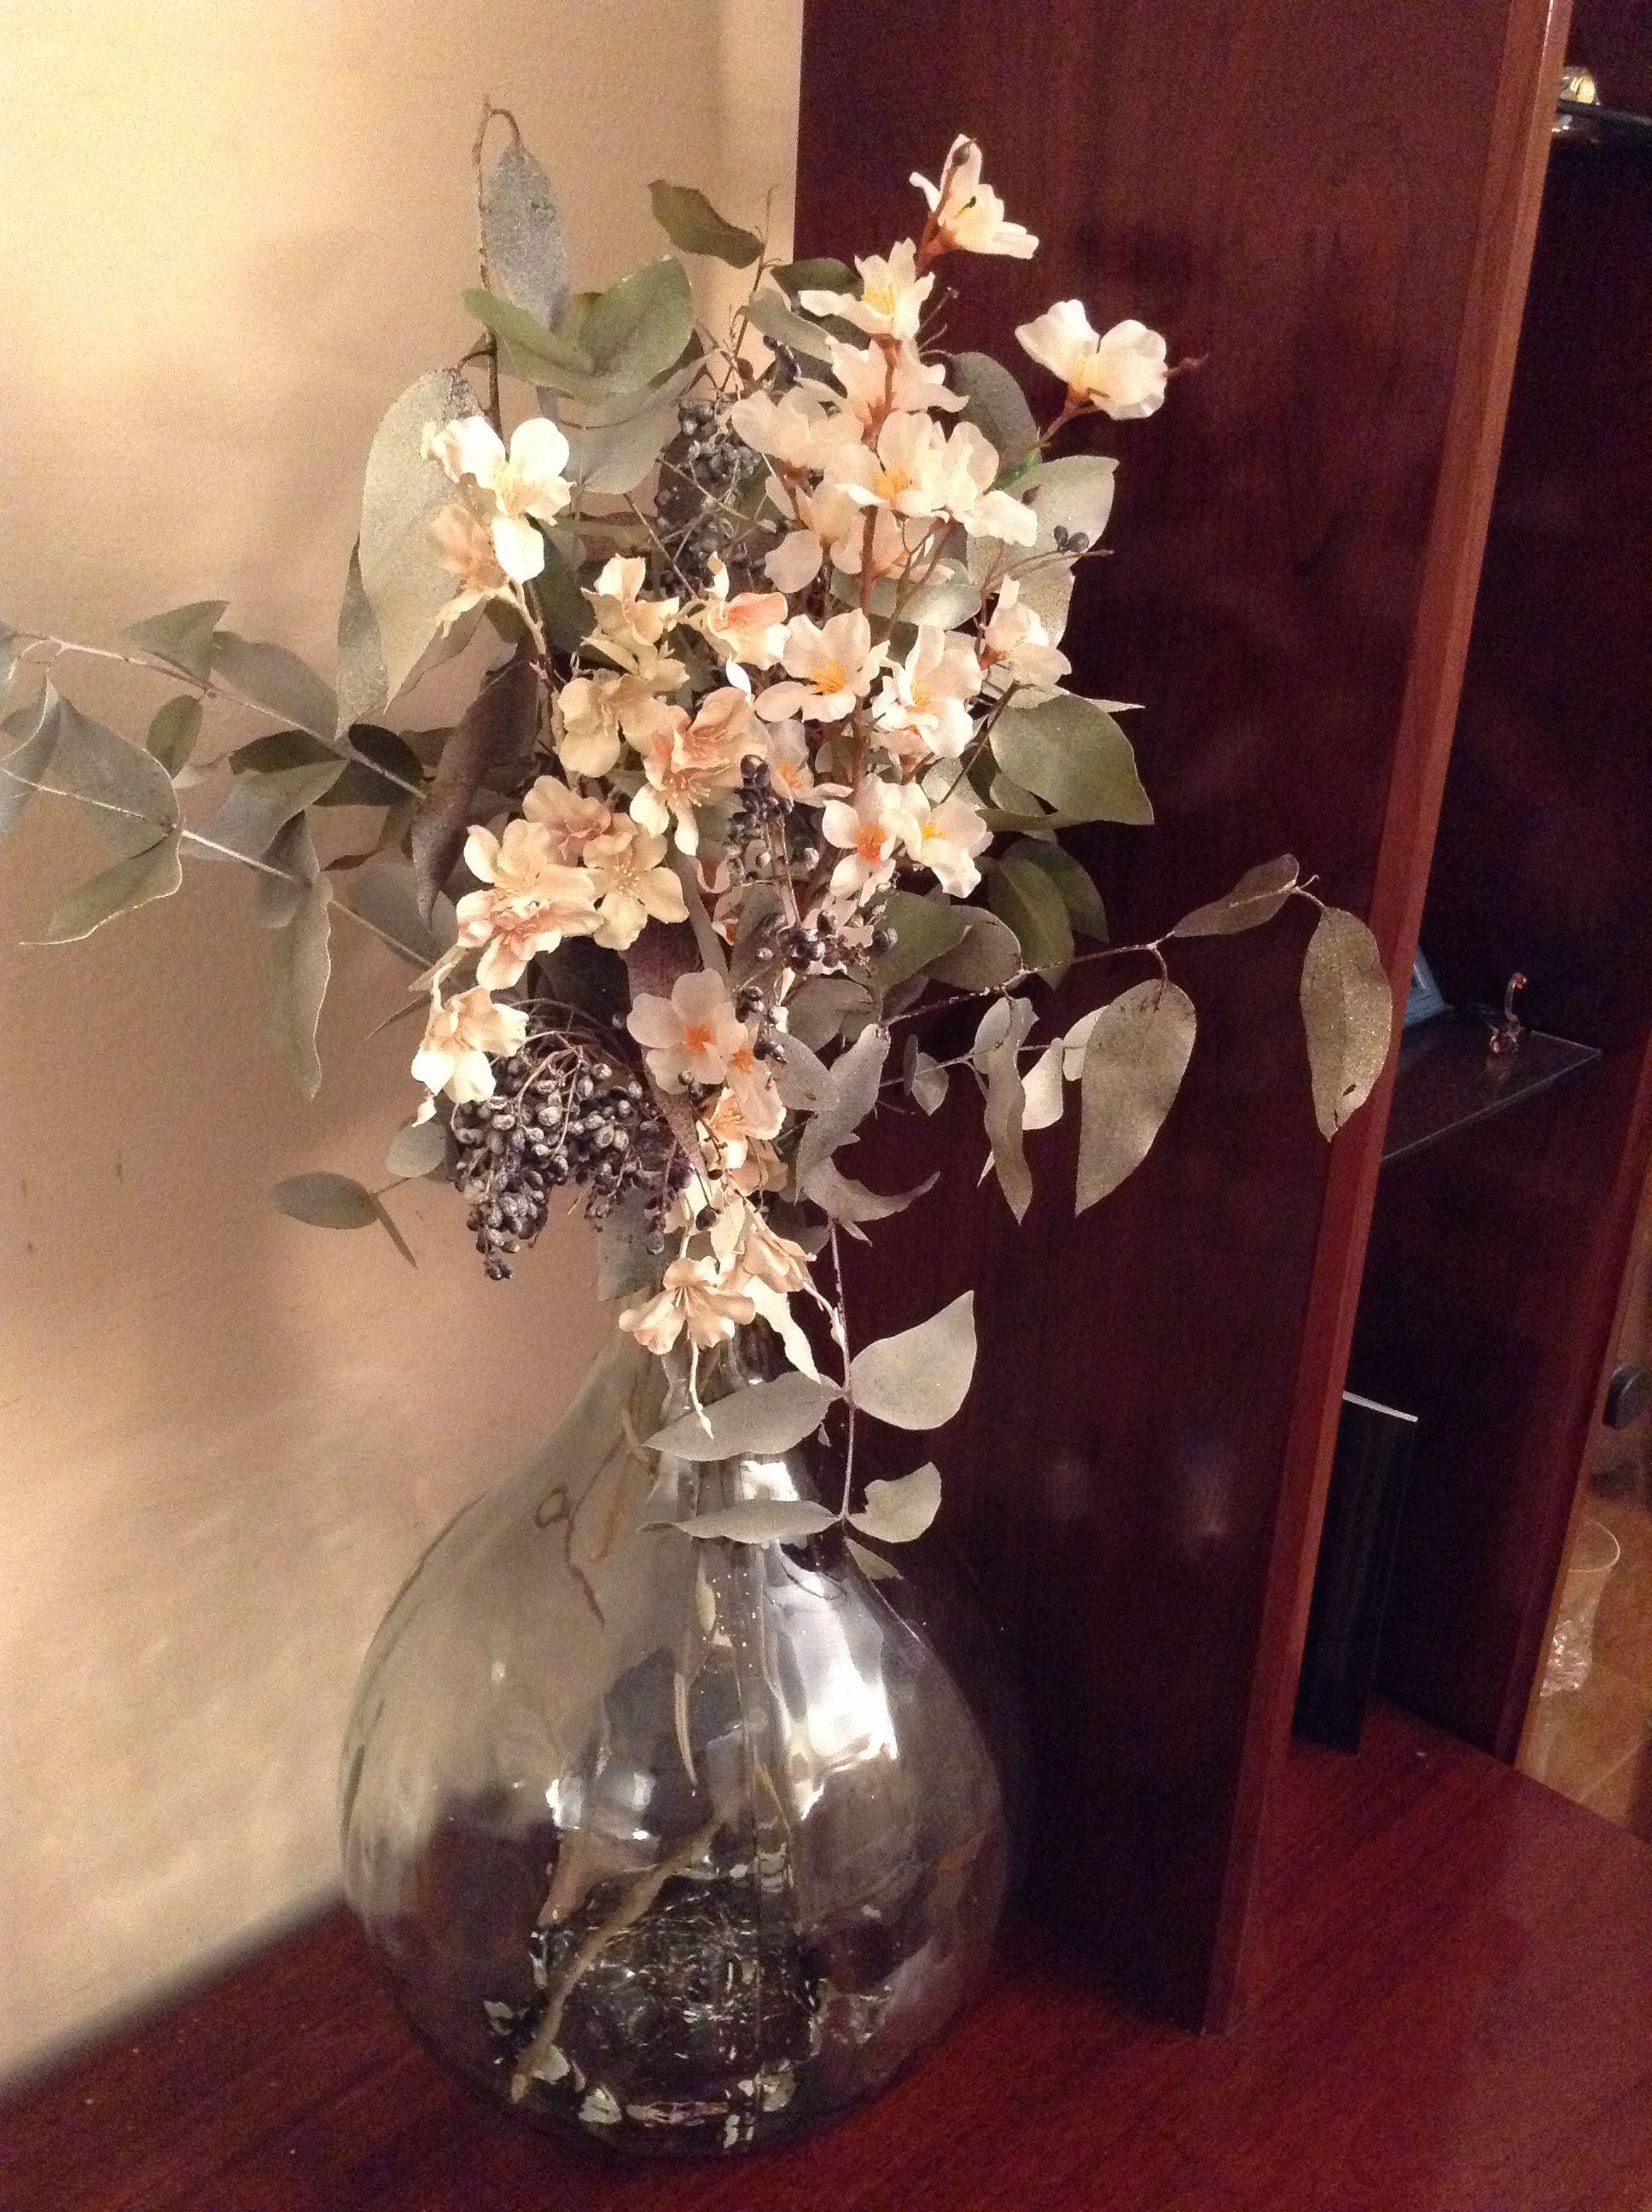 Flores Secas Y Flores Artificiales Grandes Ideas Pinterest - Jarrones-con-flores-secas